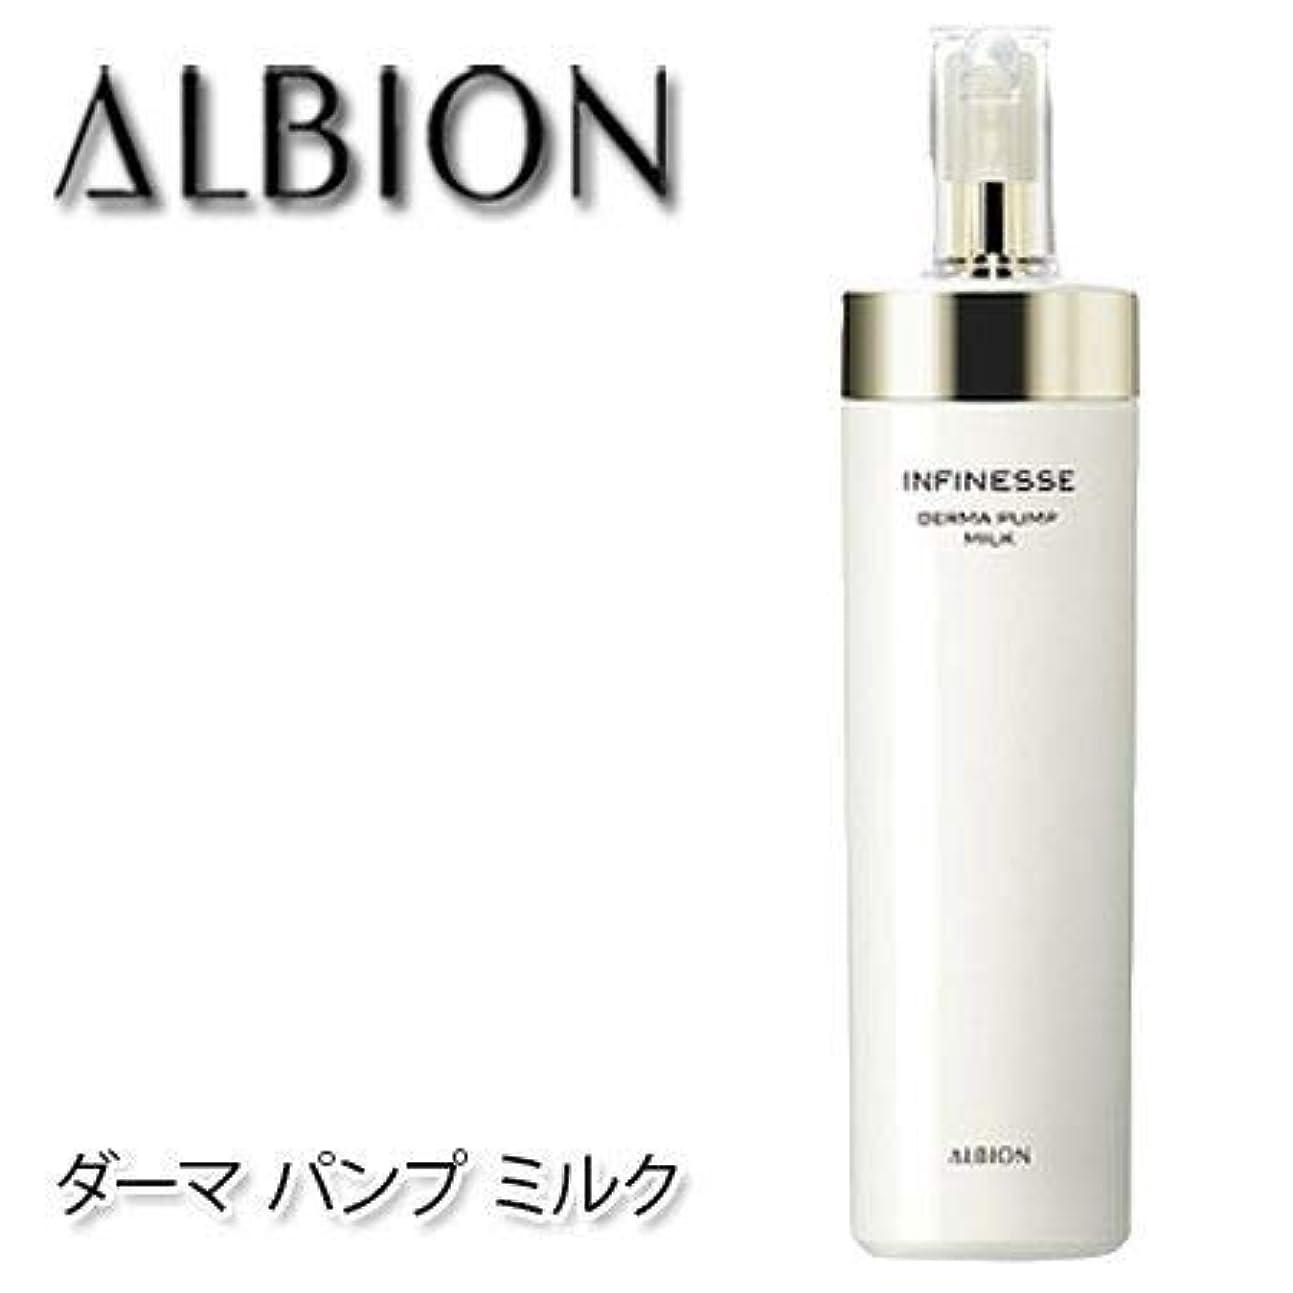 へこみ差し引く綺麗なアルビオン アンフィネス ダーマ パンプ ミルク 200g-ALBION-